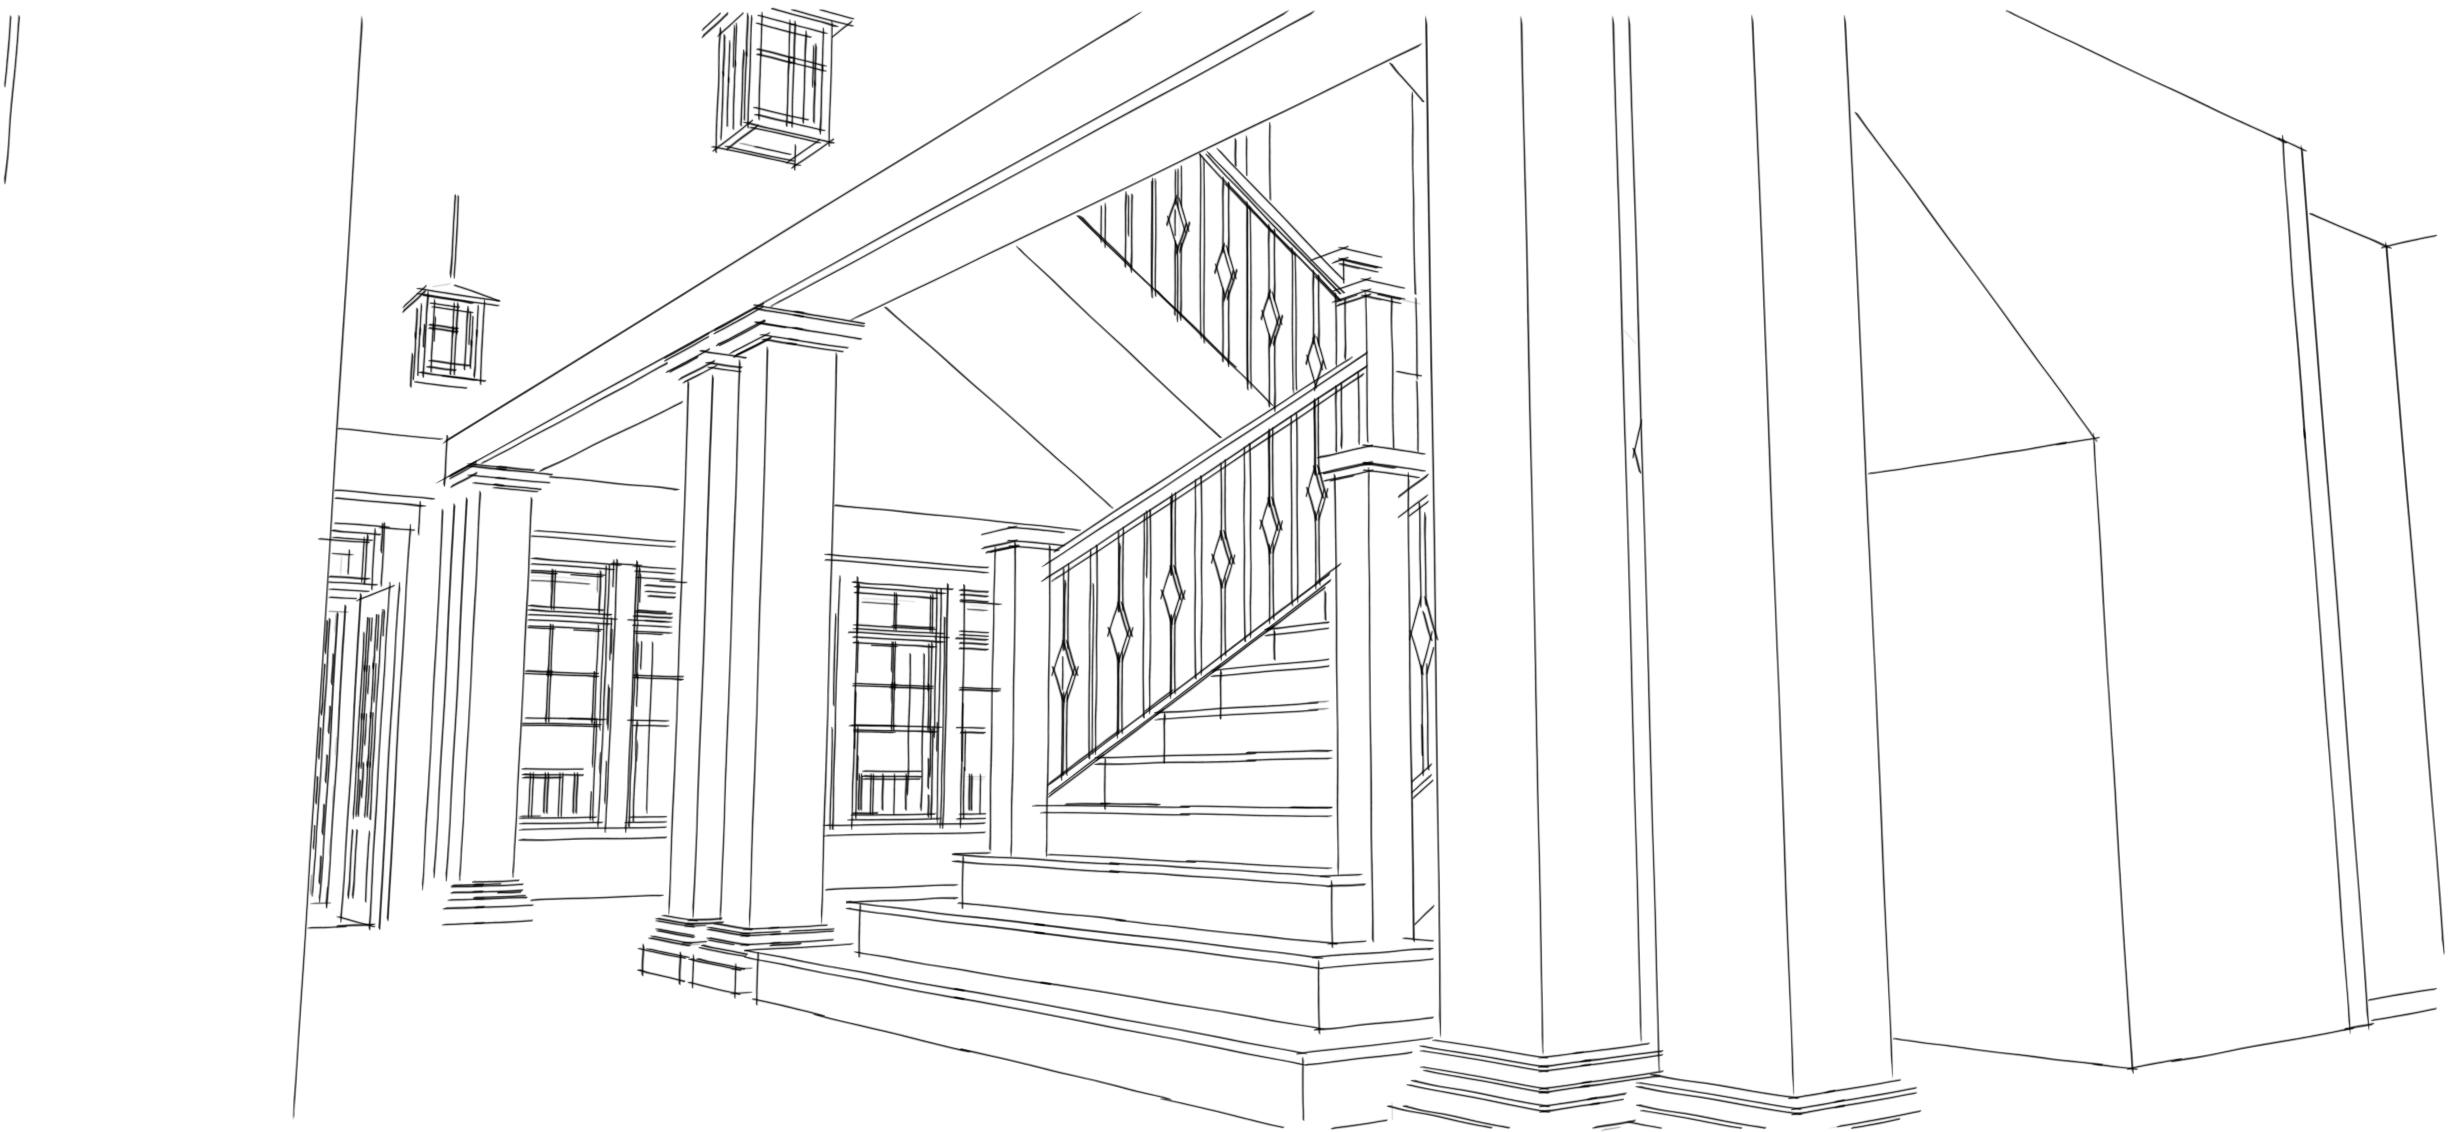 100 Houseplans Com Reviews House Plans Blueprints